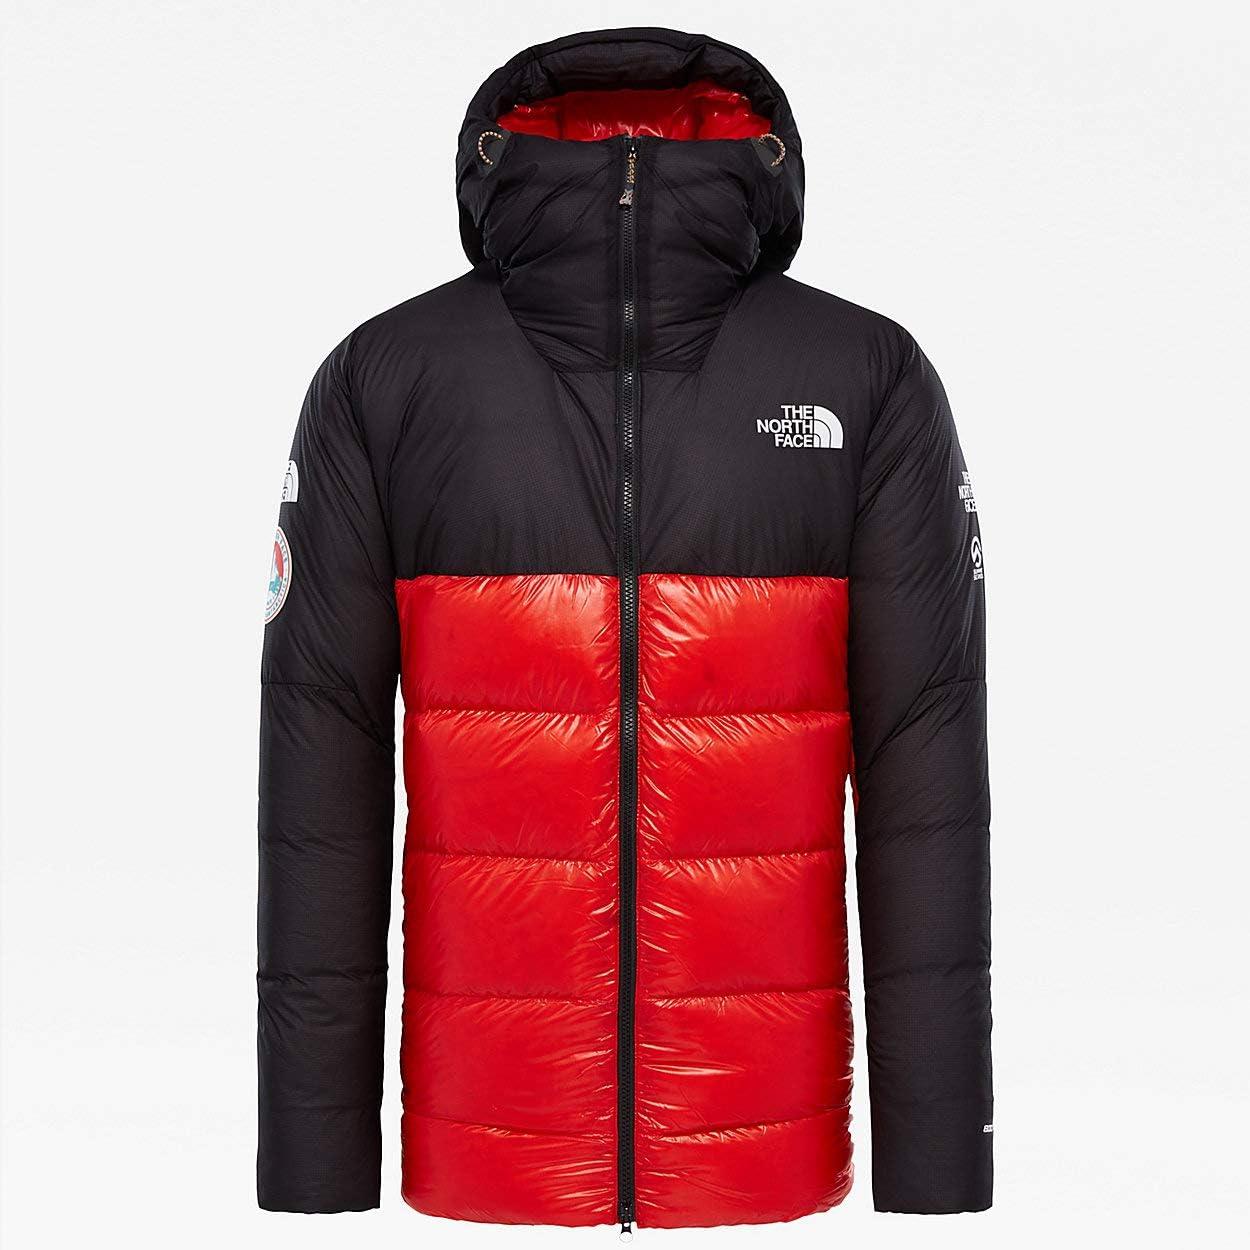 (ザ ノースフェイス) The North Face 1990 Men`s Summit Series Antarctica Expedition Belay Parka L6 男性ソムミトパディングダウンパーカ (並行輸入品) 黒/FIERY 赤 S